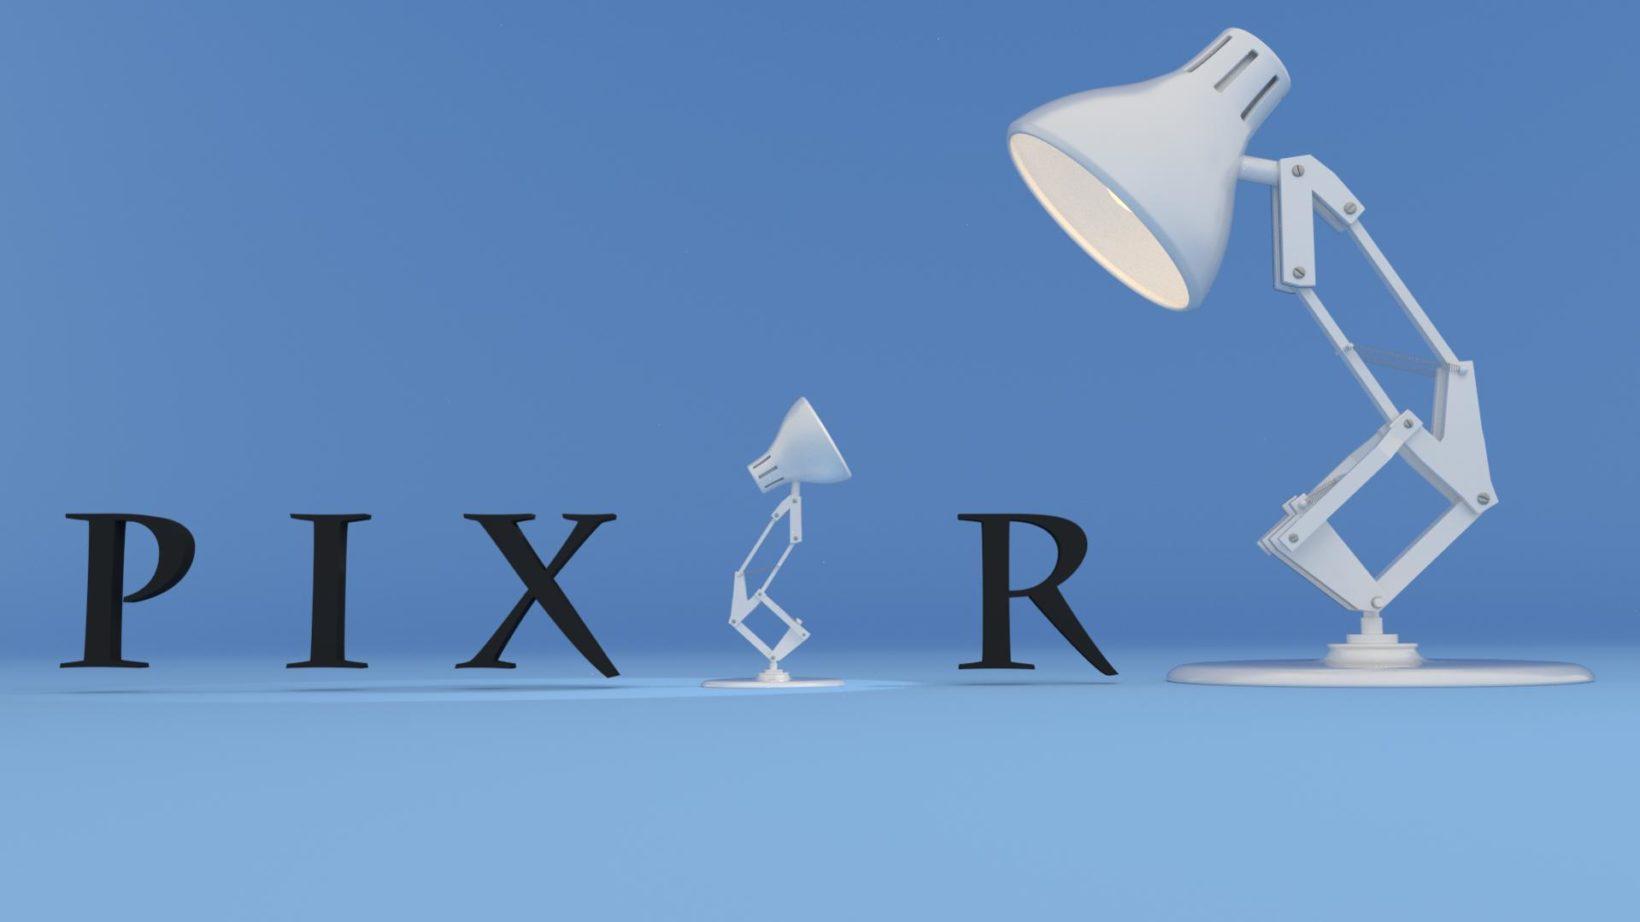 Compie 80 anni Luxo la lampada che ha ispirato il logo della Pixar  Macitynetit